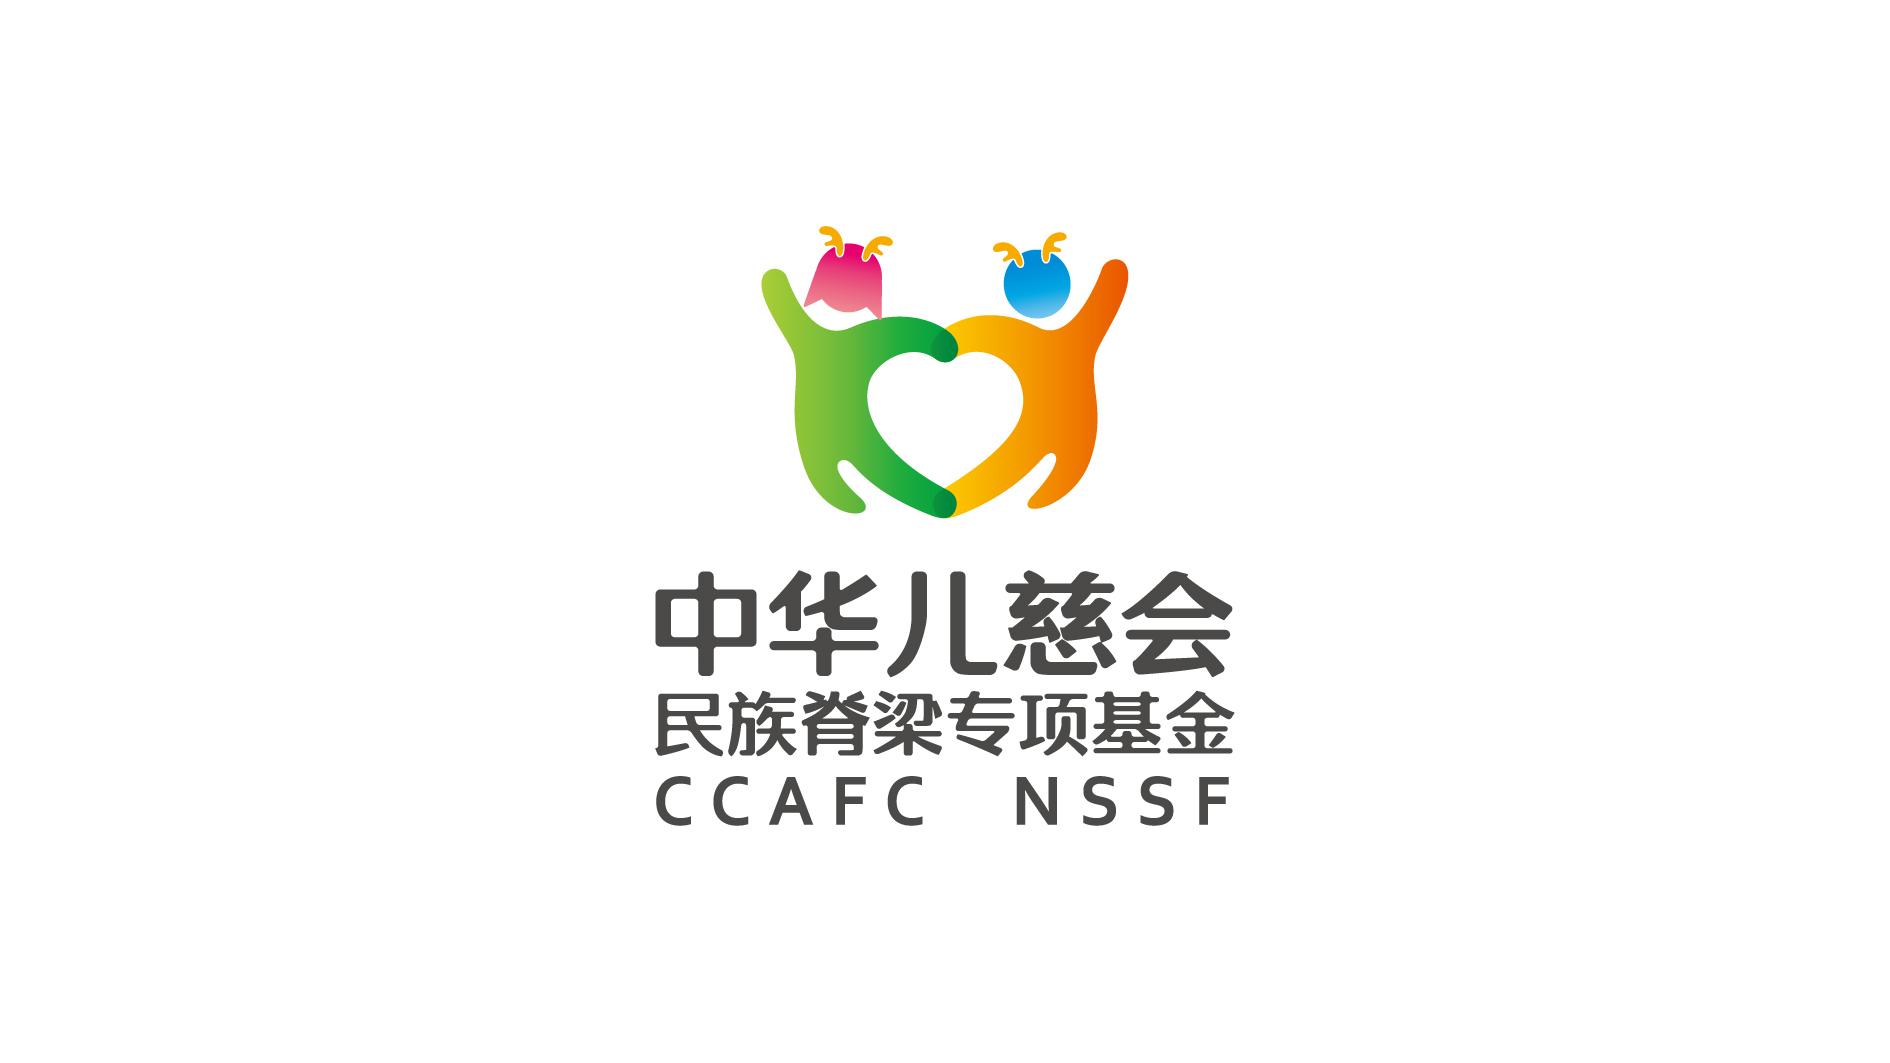 中华儿慈会民族脊梁专项基金LOGO设计